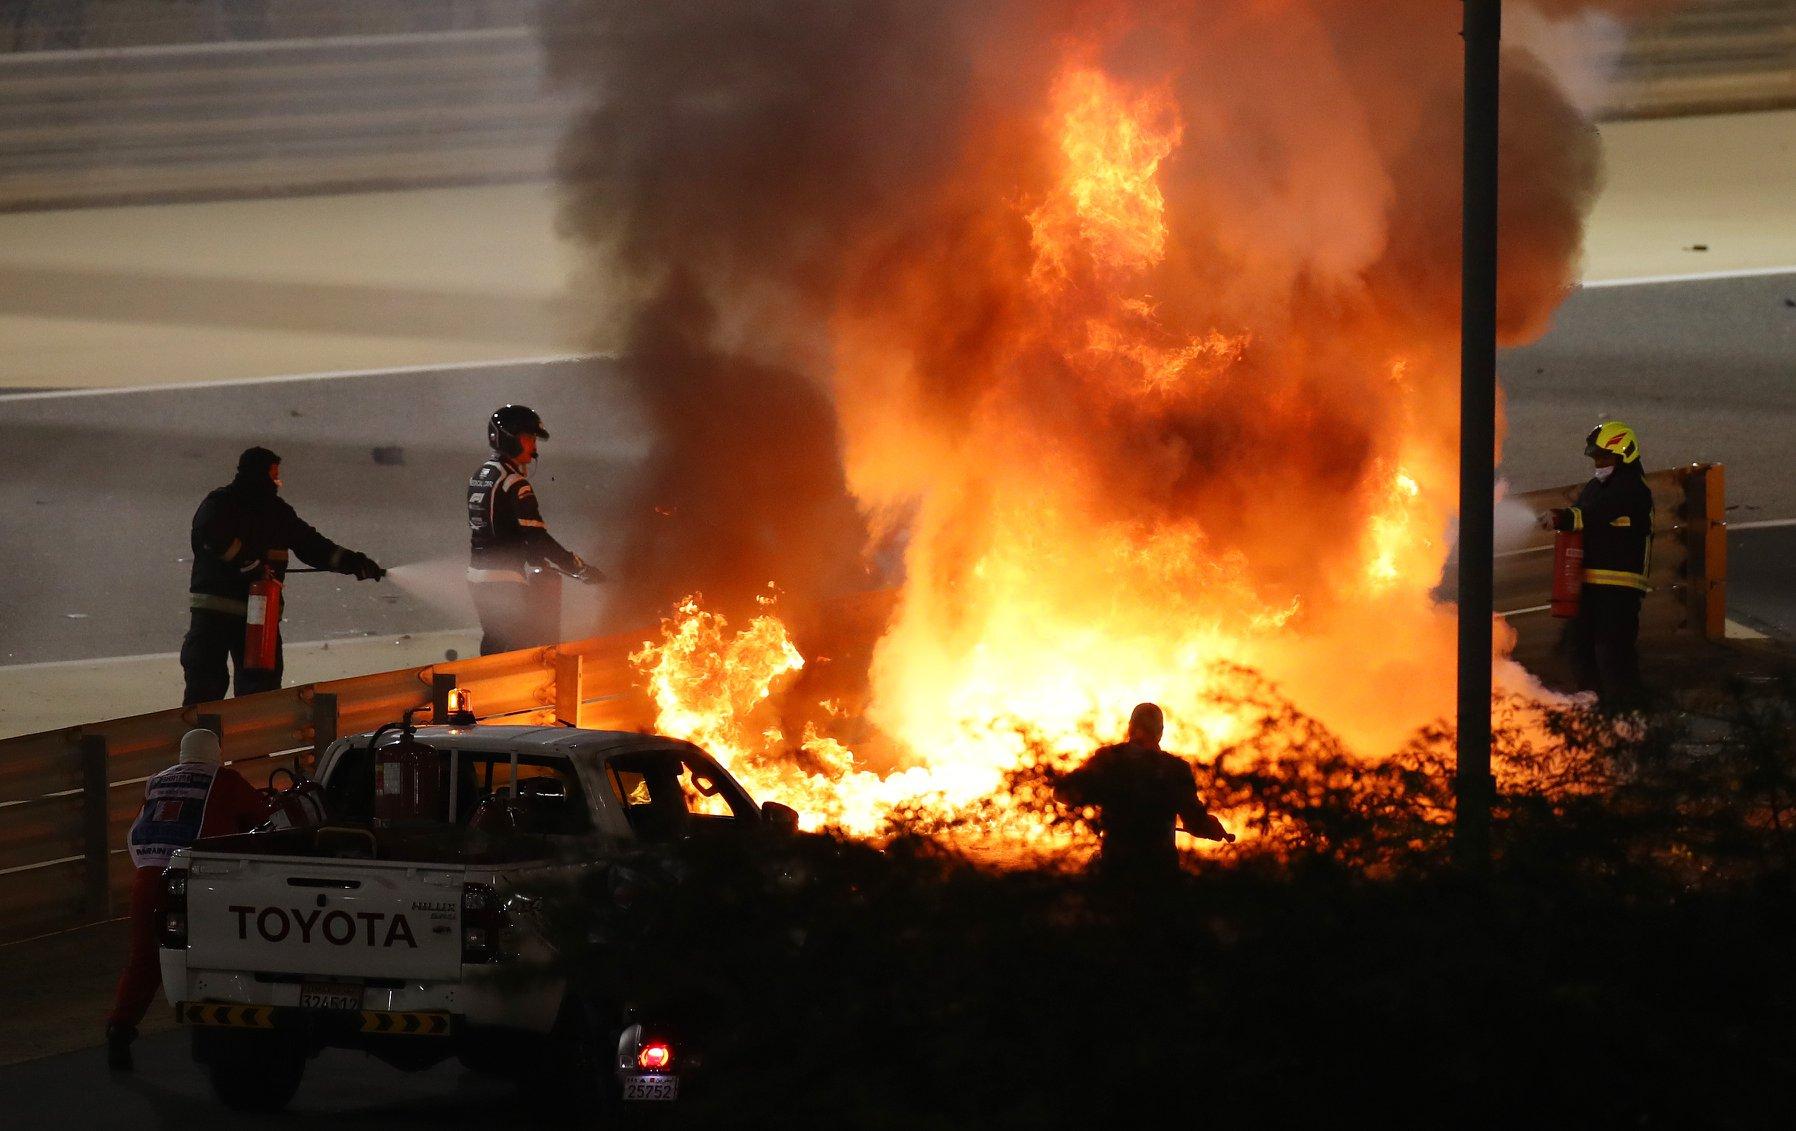 Accidente en la F1 Grosjean choca y su auto se incendia; sufre quemaduras leves